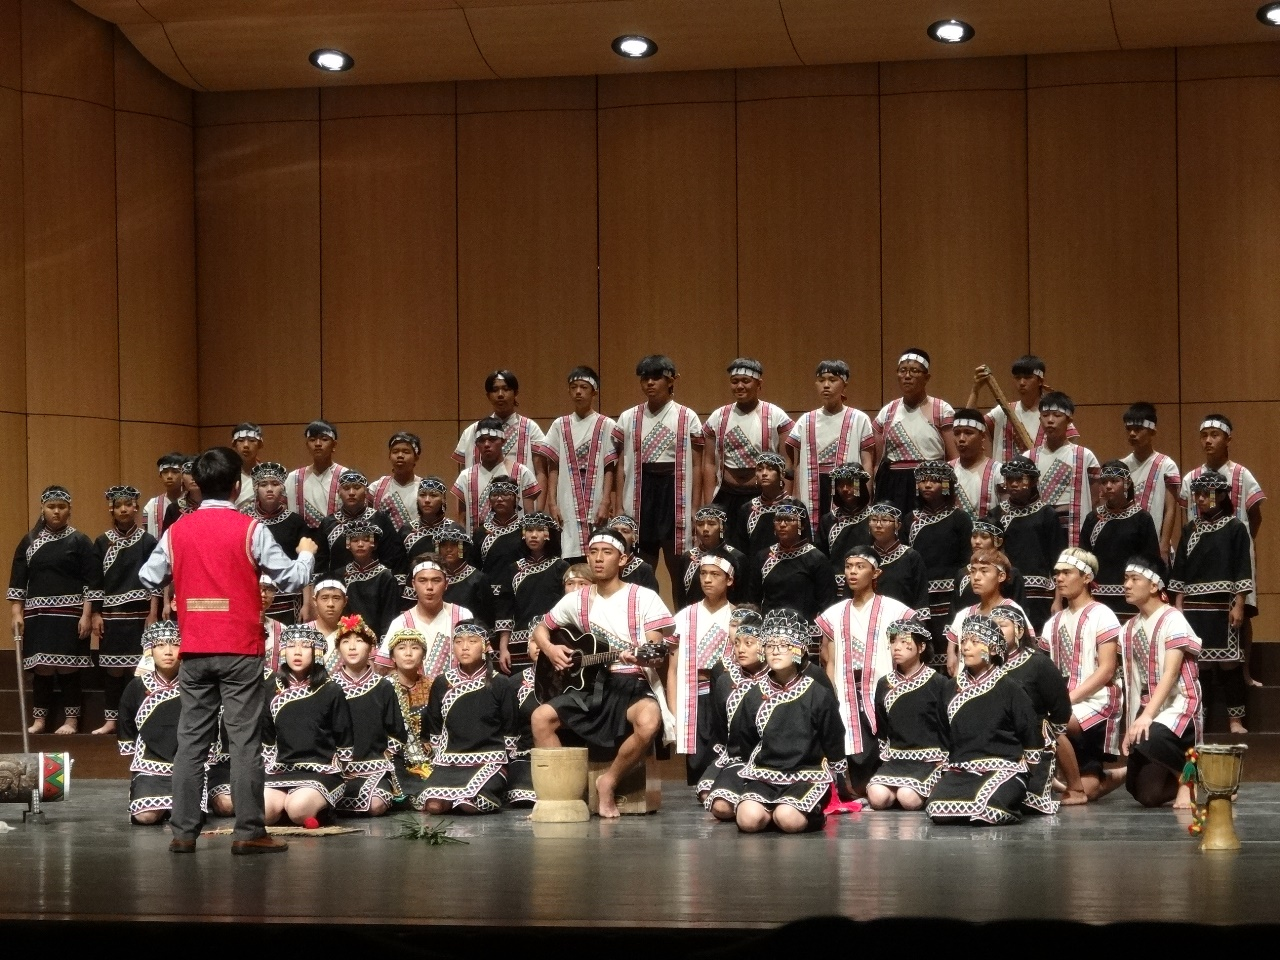 104學年度團體項目-合唱